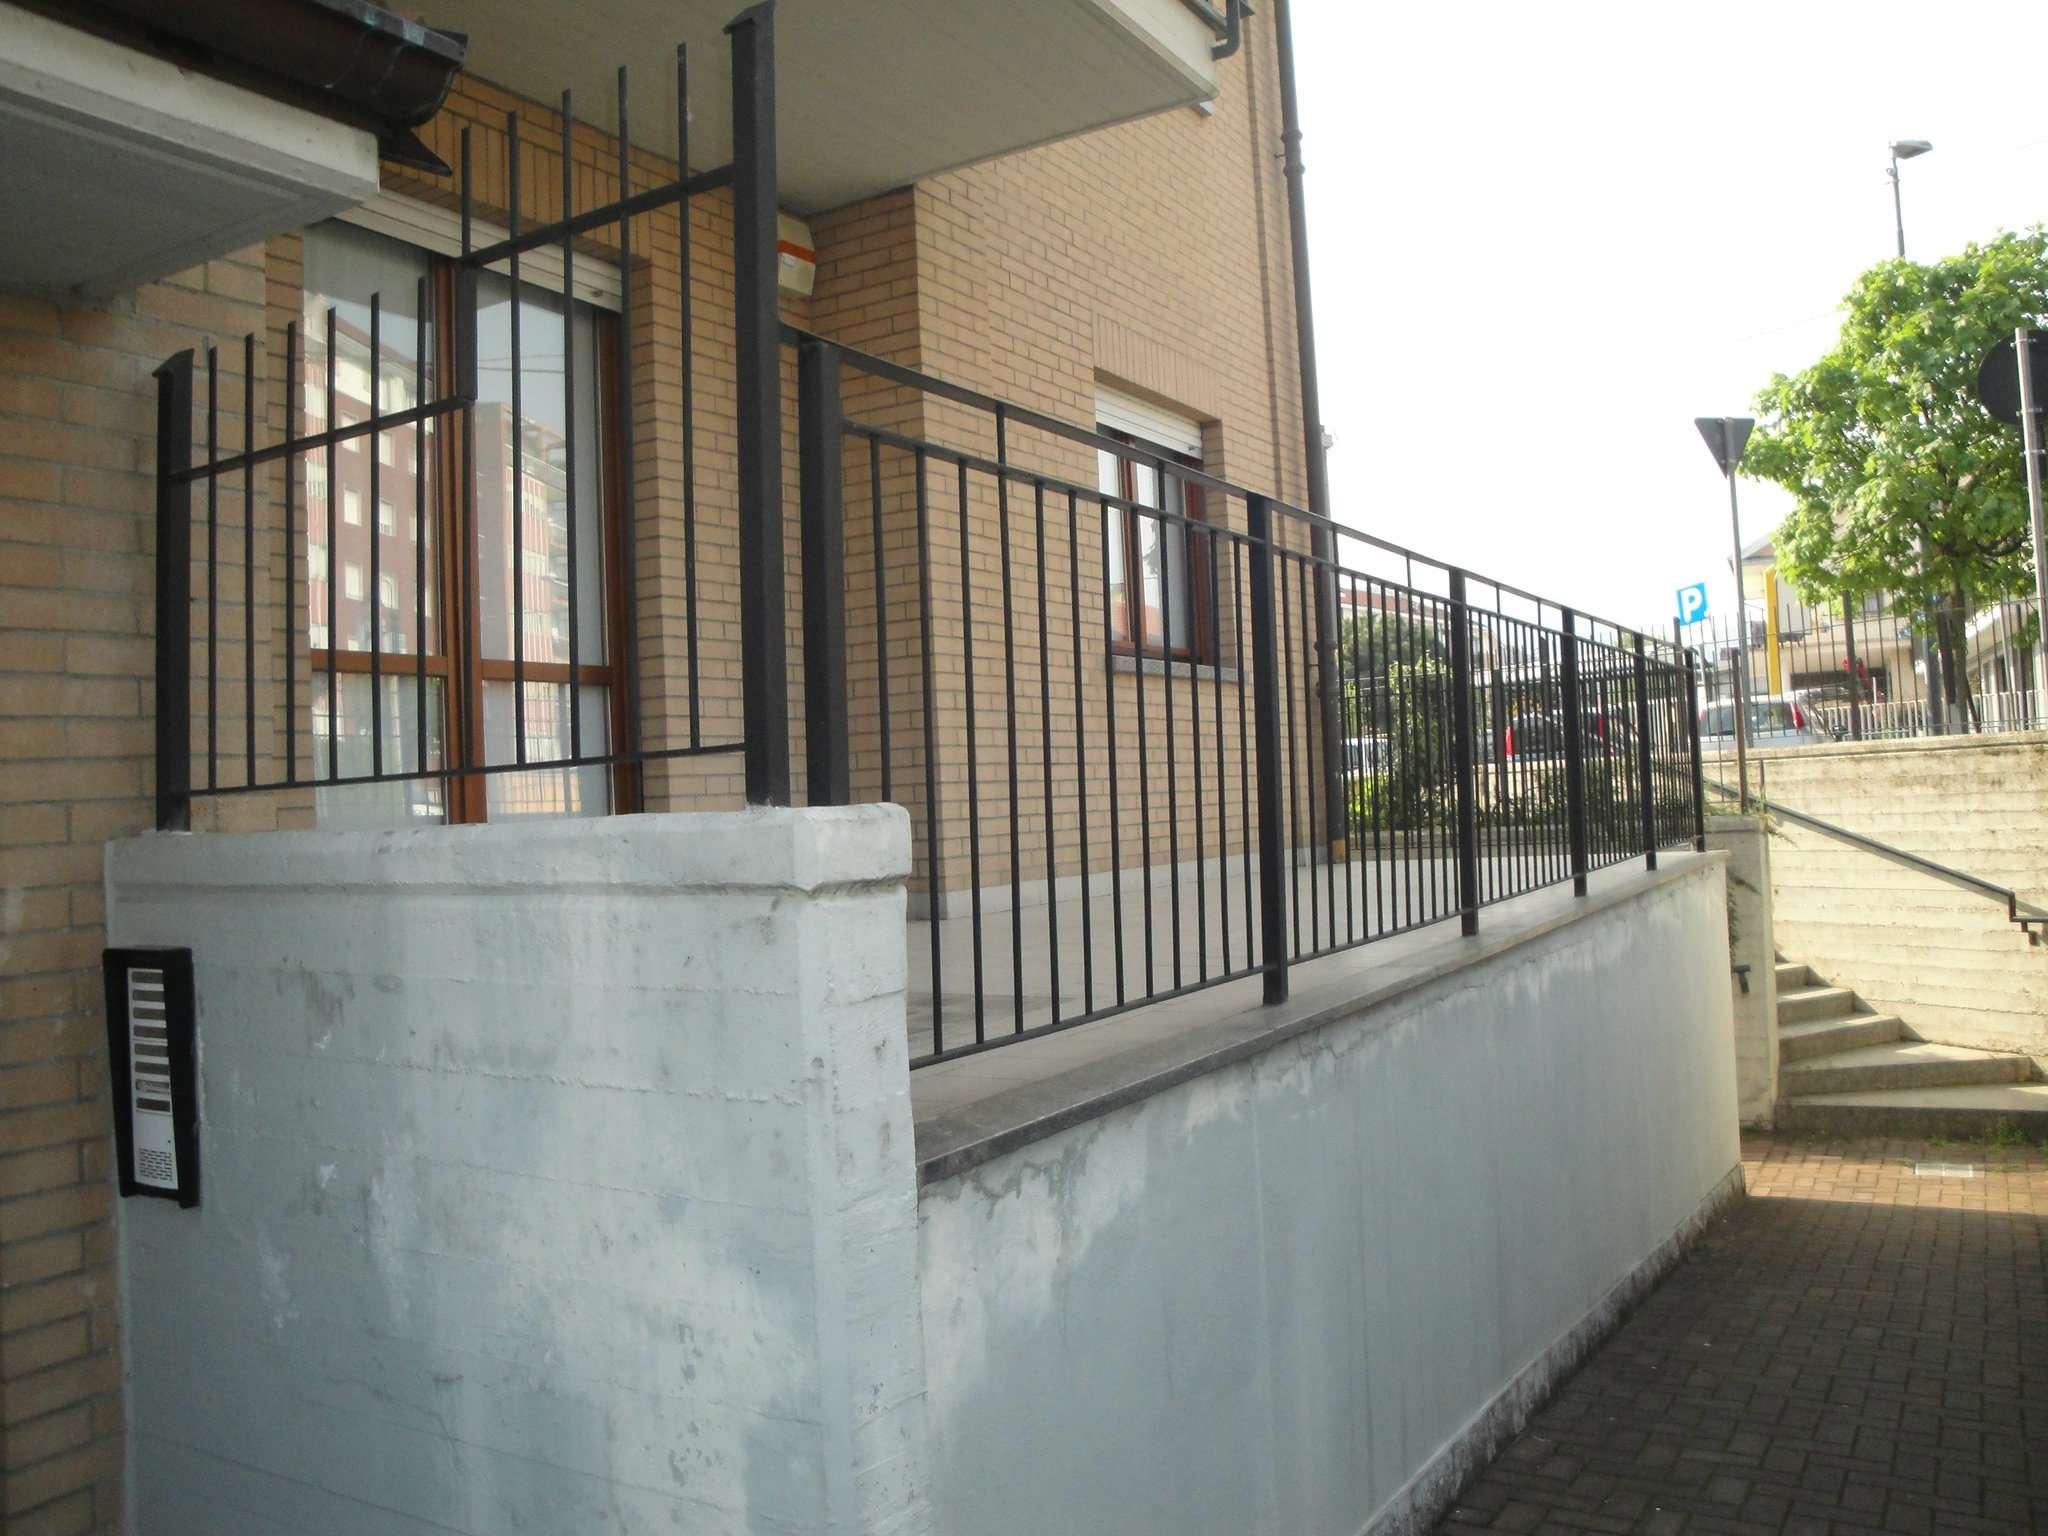 Ufficio-studio in Vendita a Piossasco: 4 locali, 100 mq